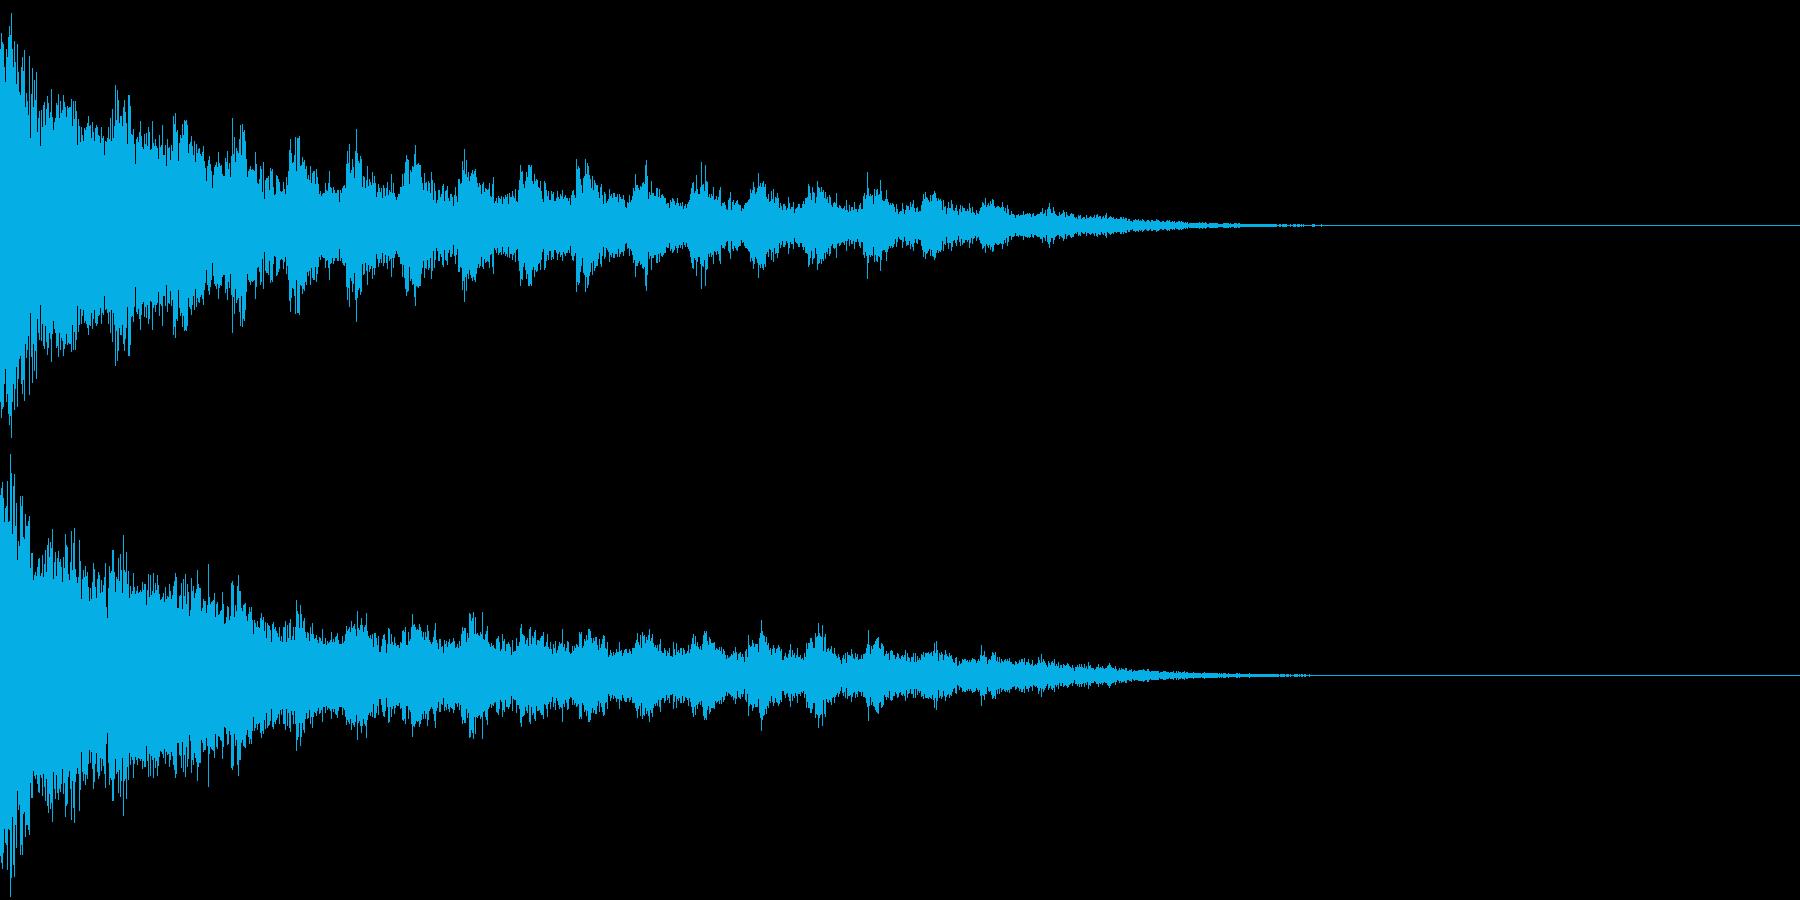 刀 剣 カキーン シャキーン 目立つ05の再生済みの波形